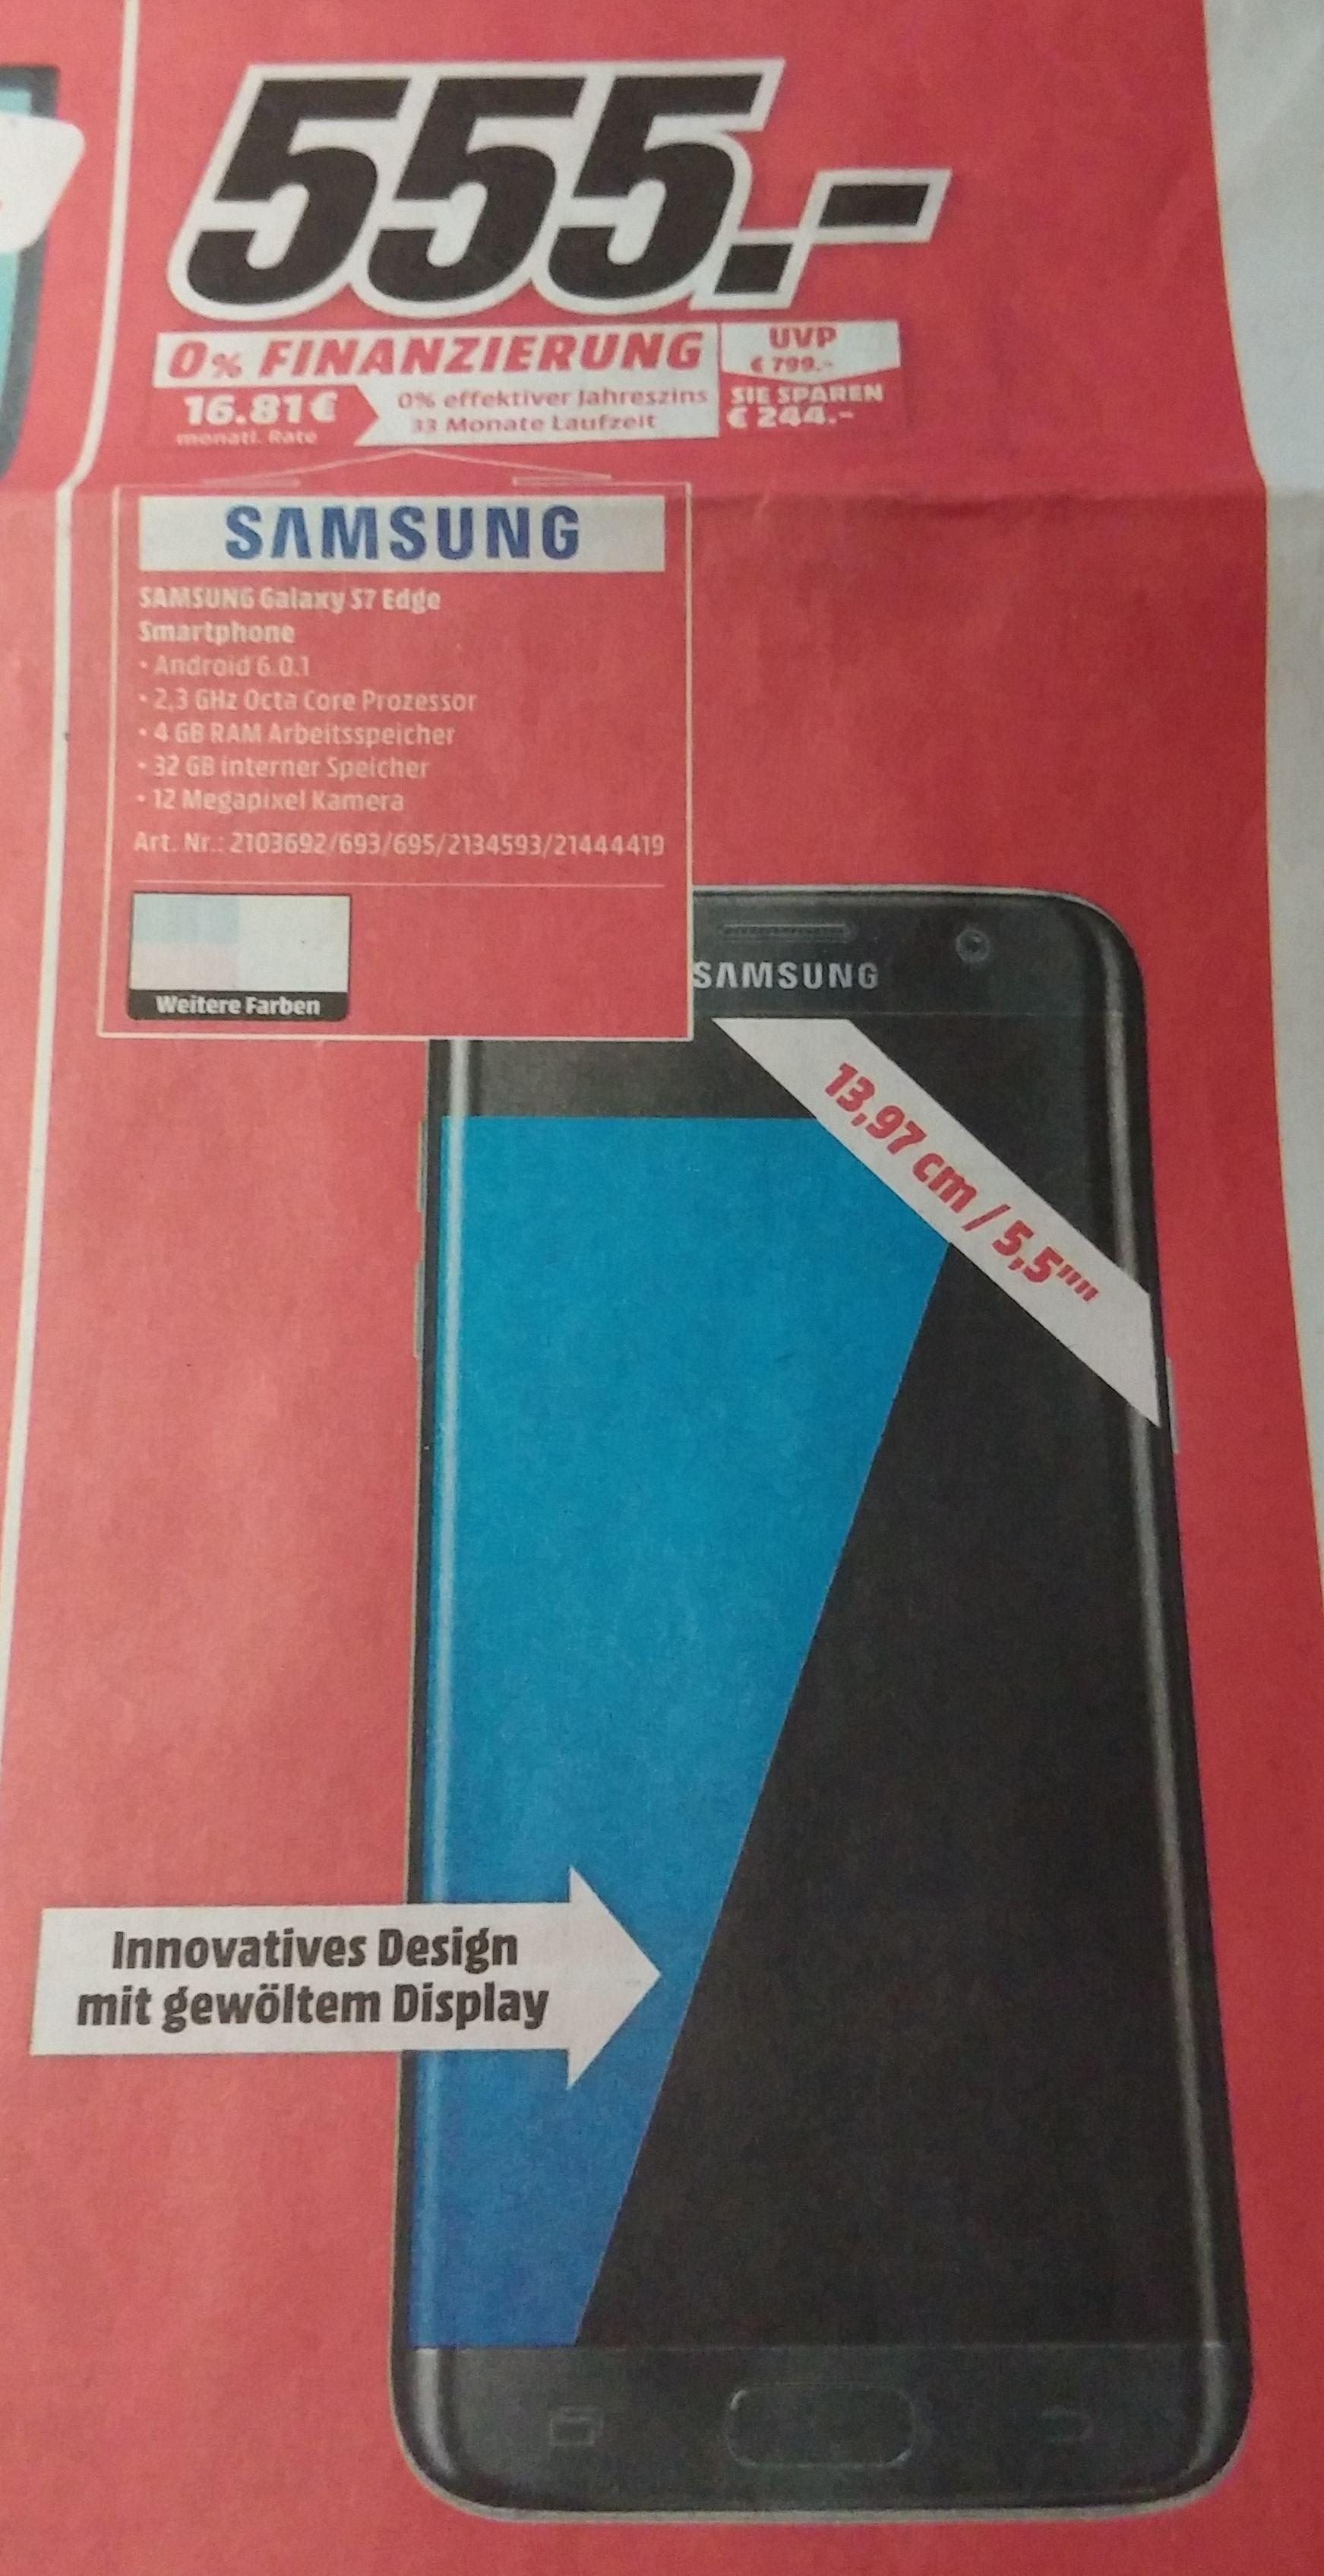 Samsung Galaxy S7 Edge G935F 32GB für 555 €